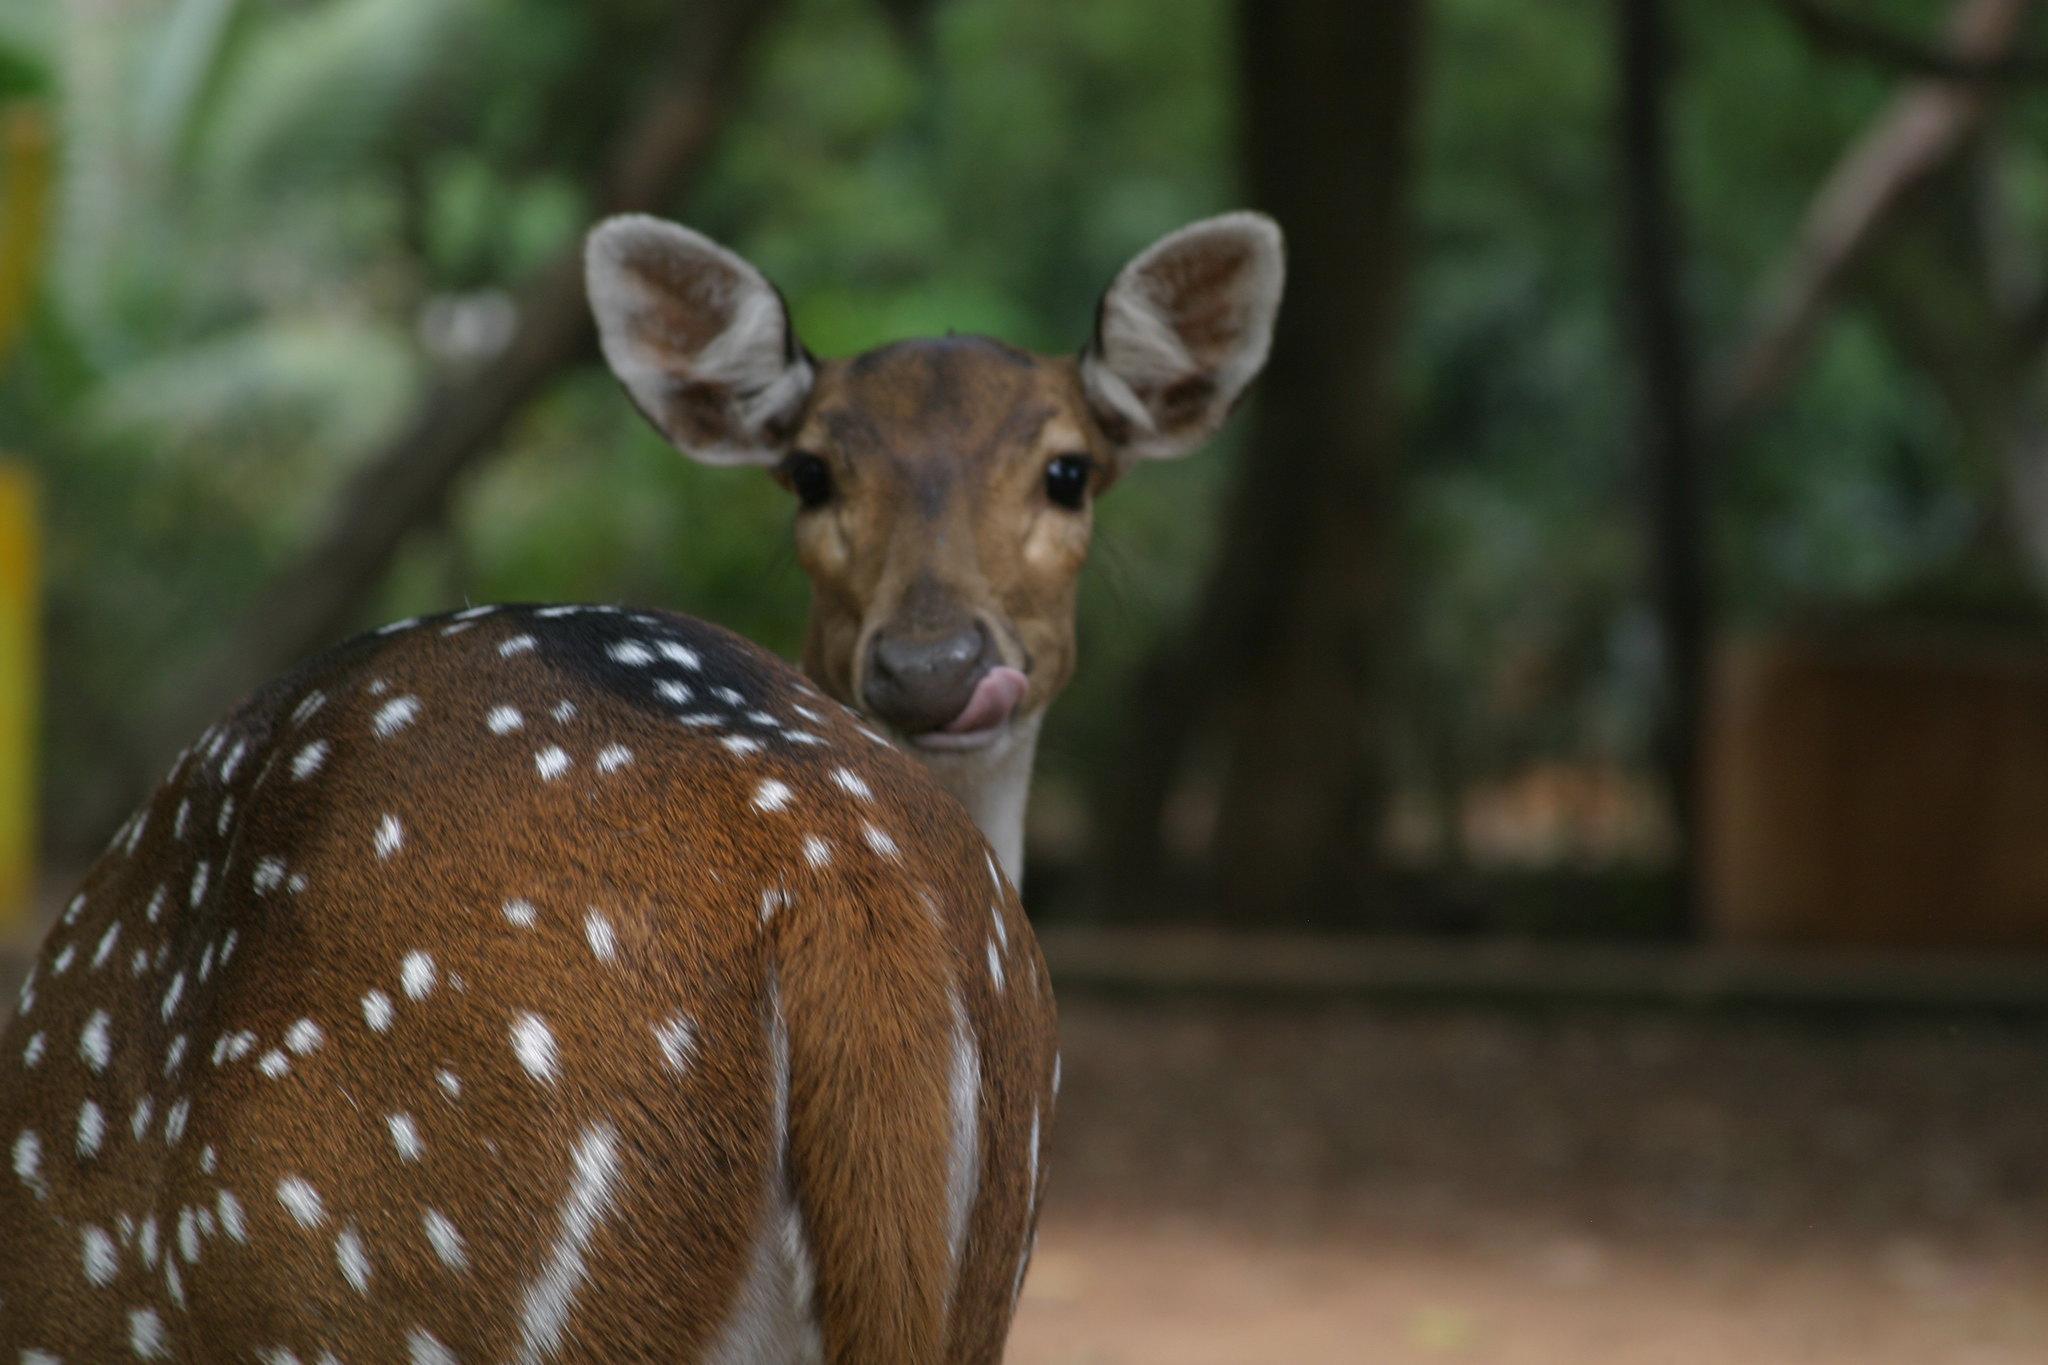 Best Ecotourism Destination In Tamil Nadu-National Deer Park